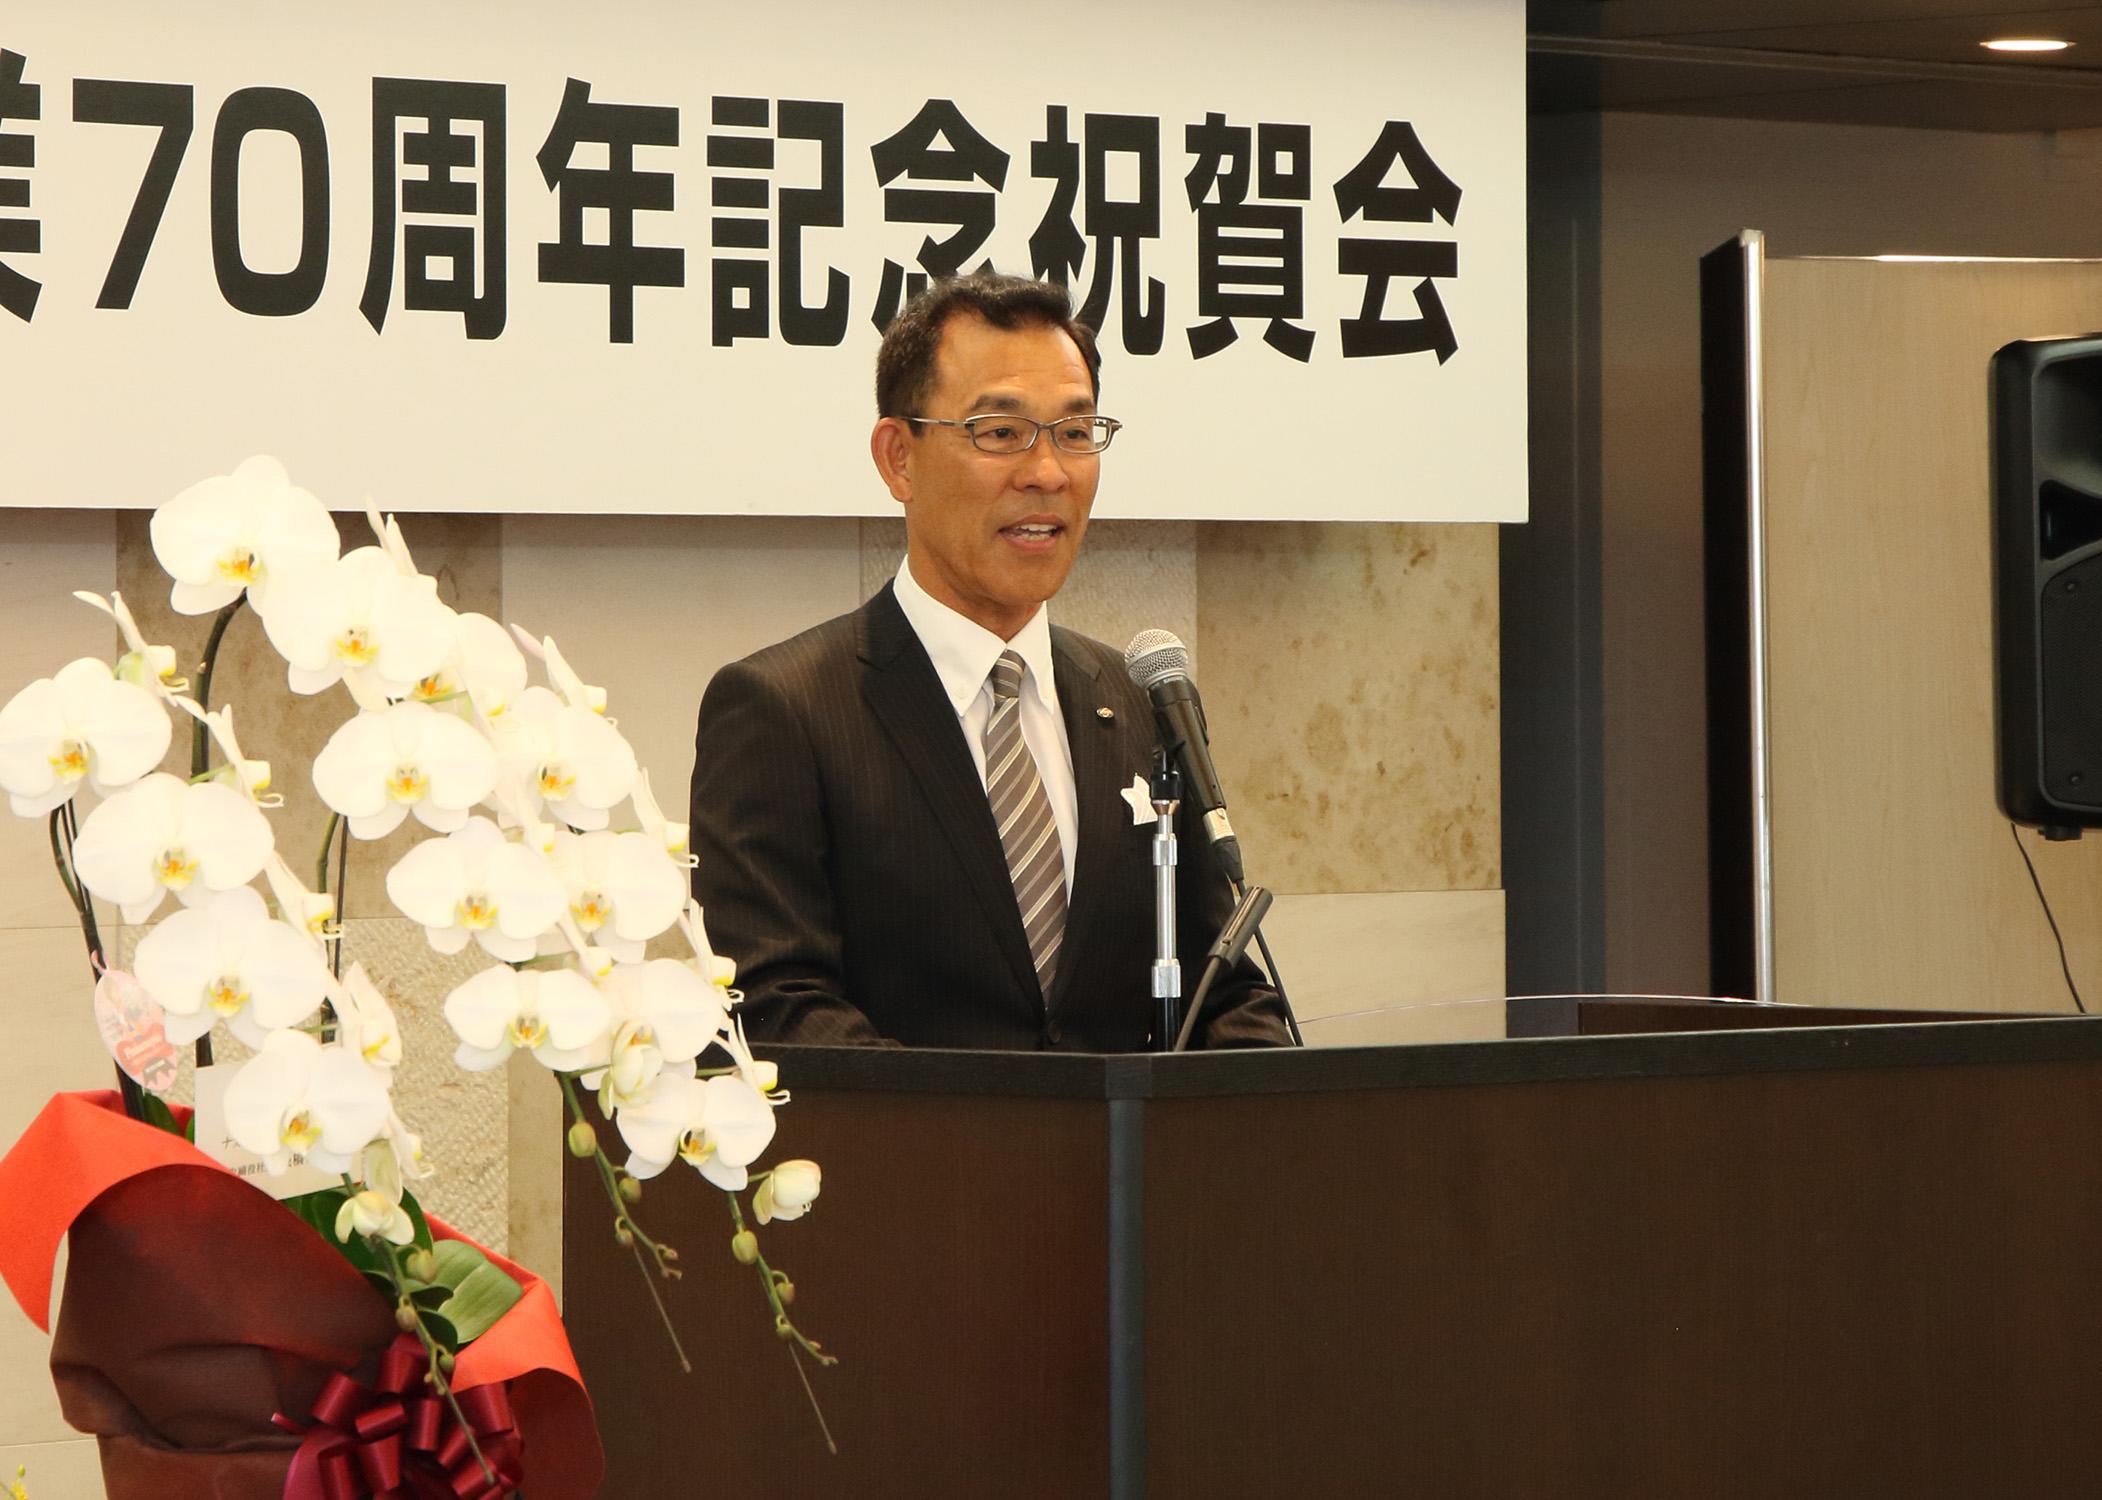 創業70周年記念祝賀会開催